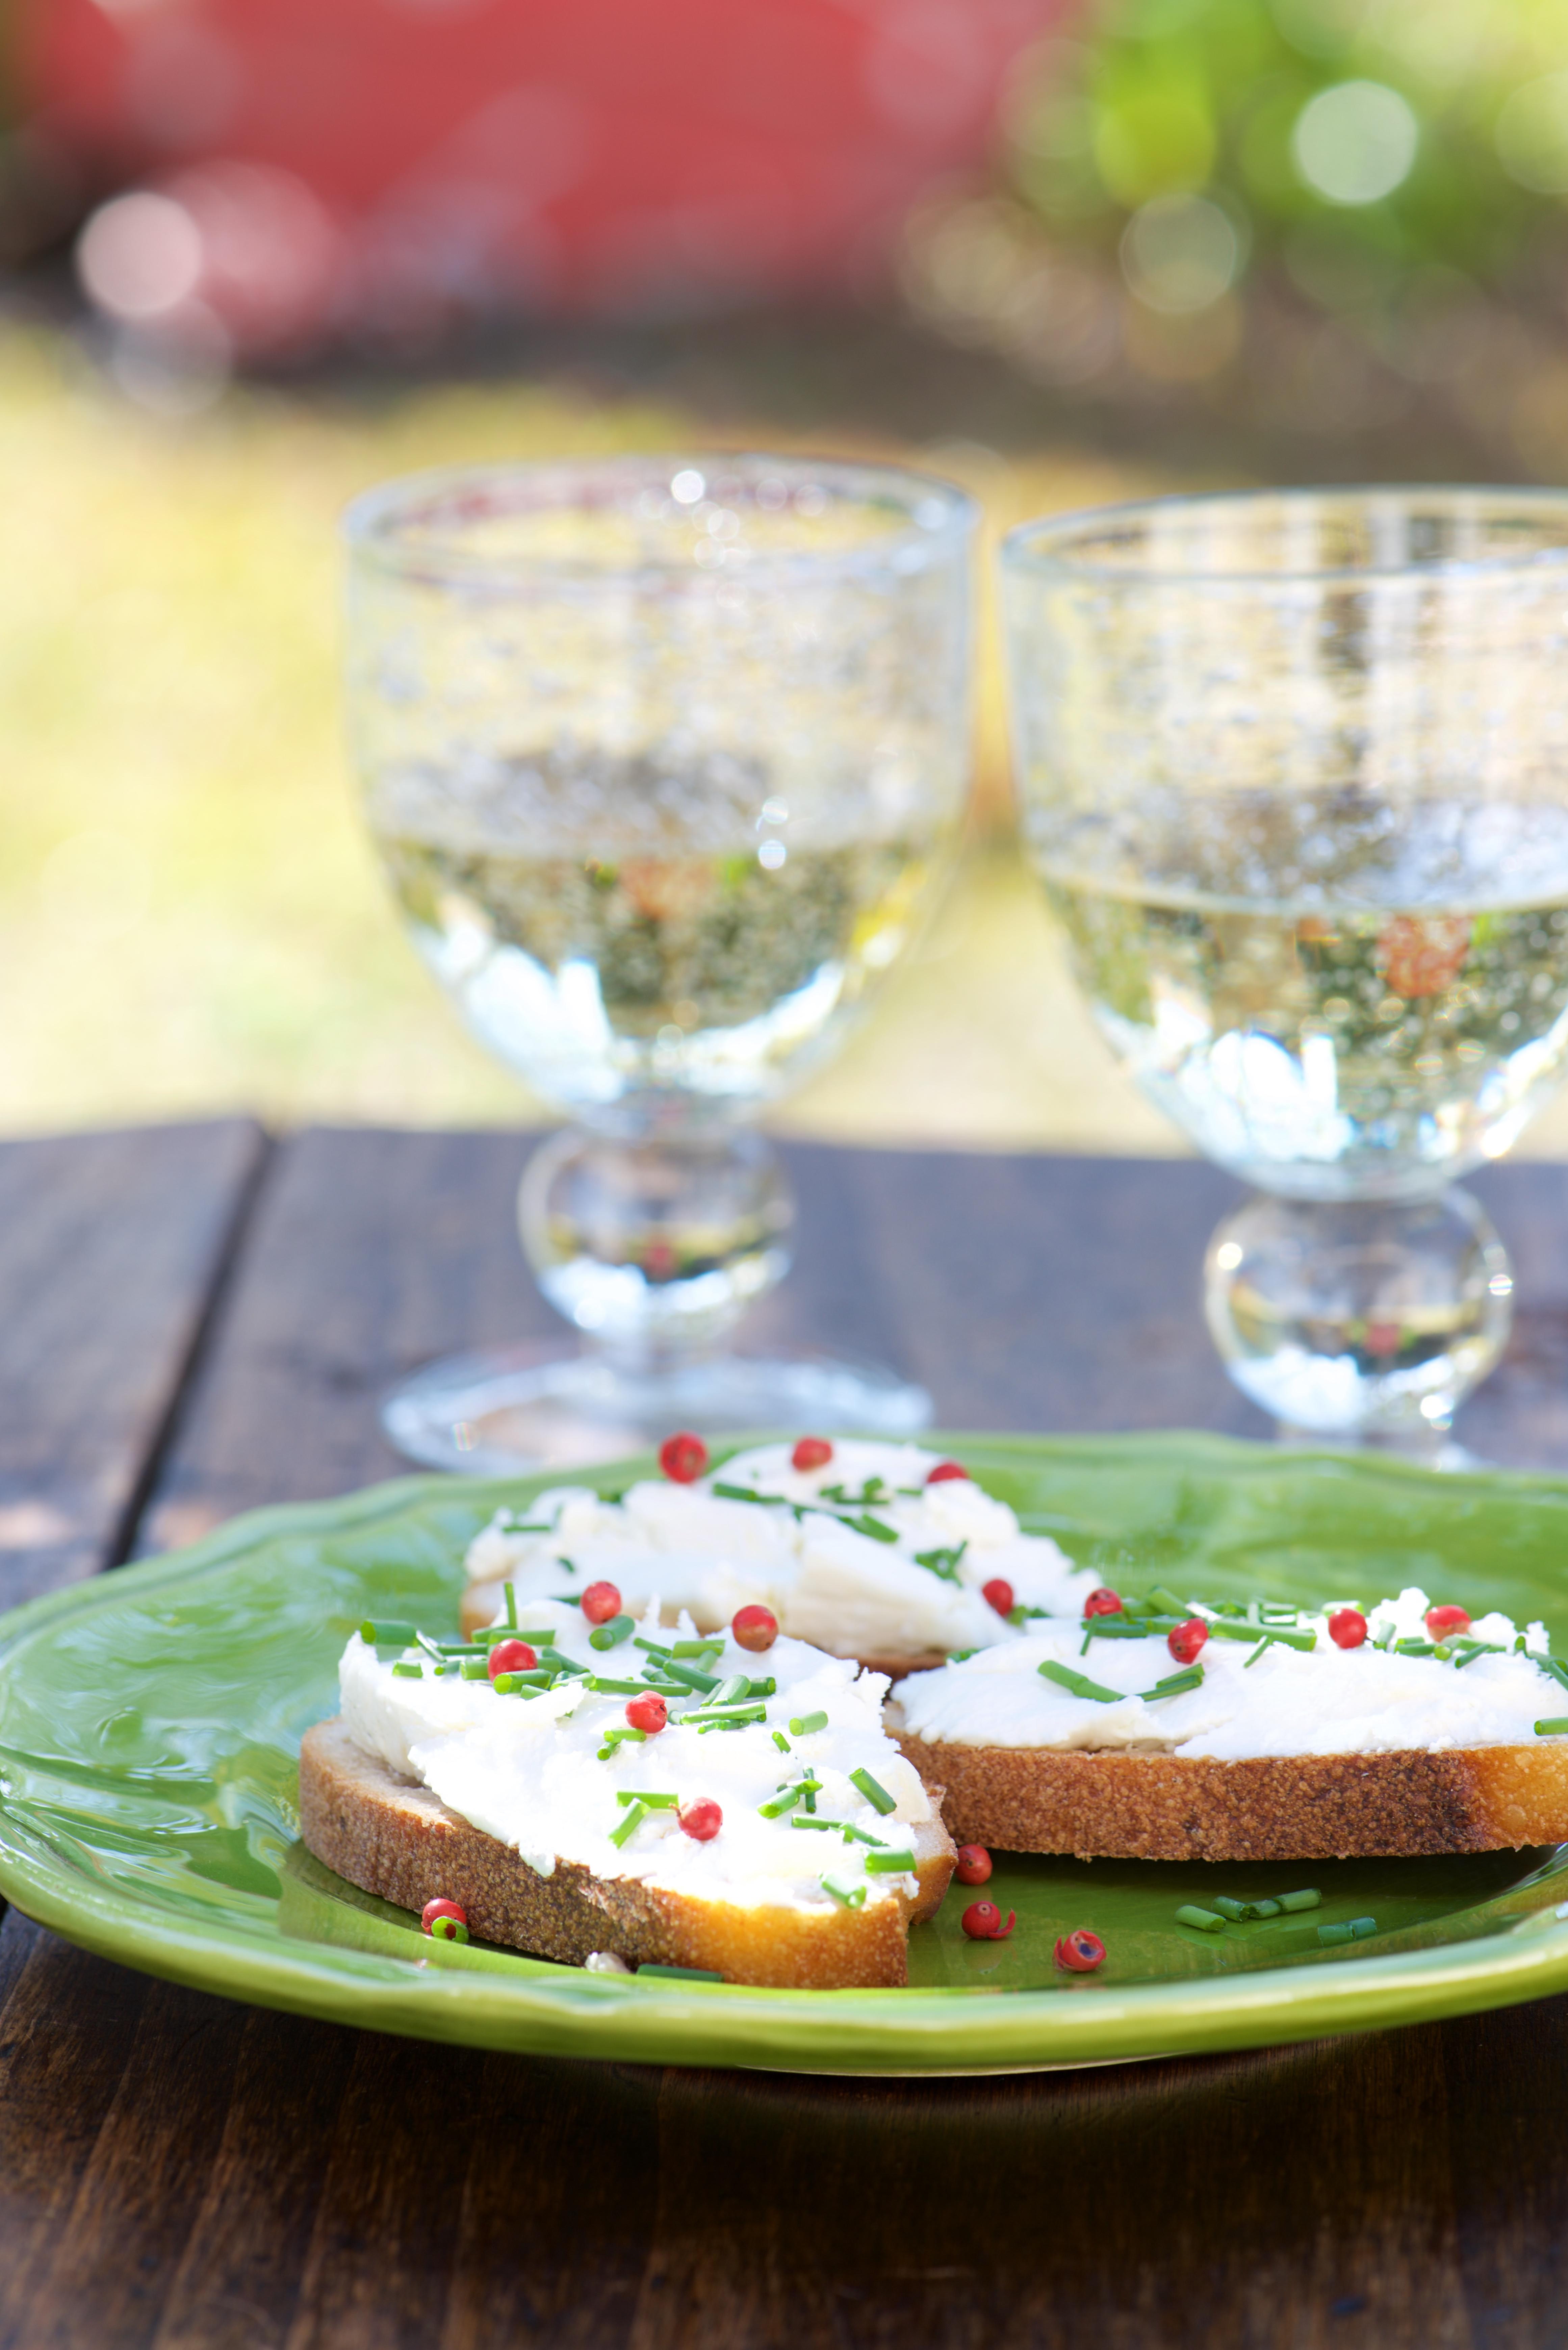 photo culinaire de tartines de chèvre frais, baies roses et huile au miel Vanessa Romano photographe